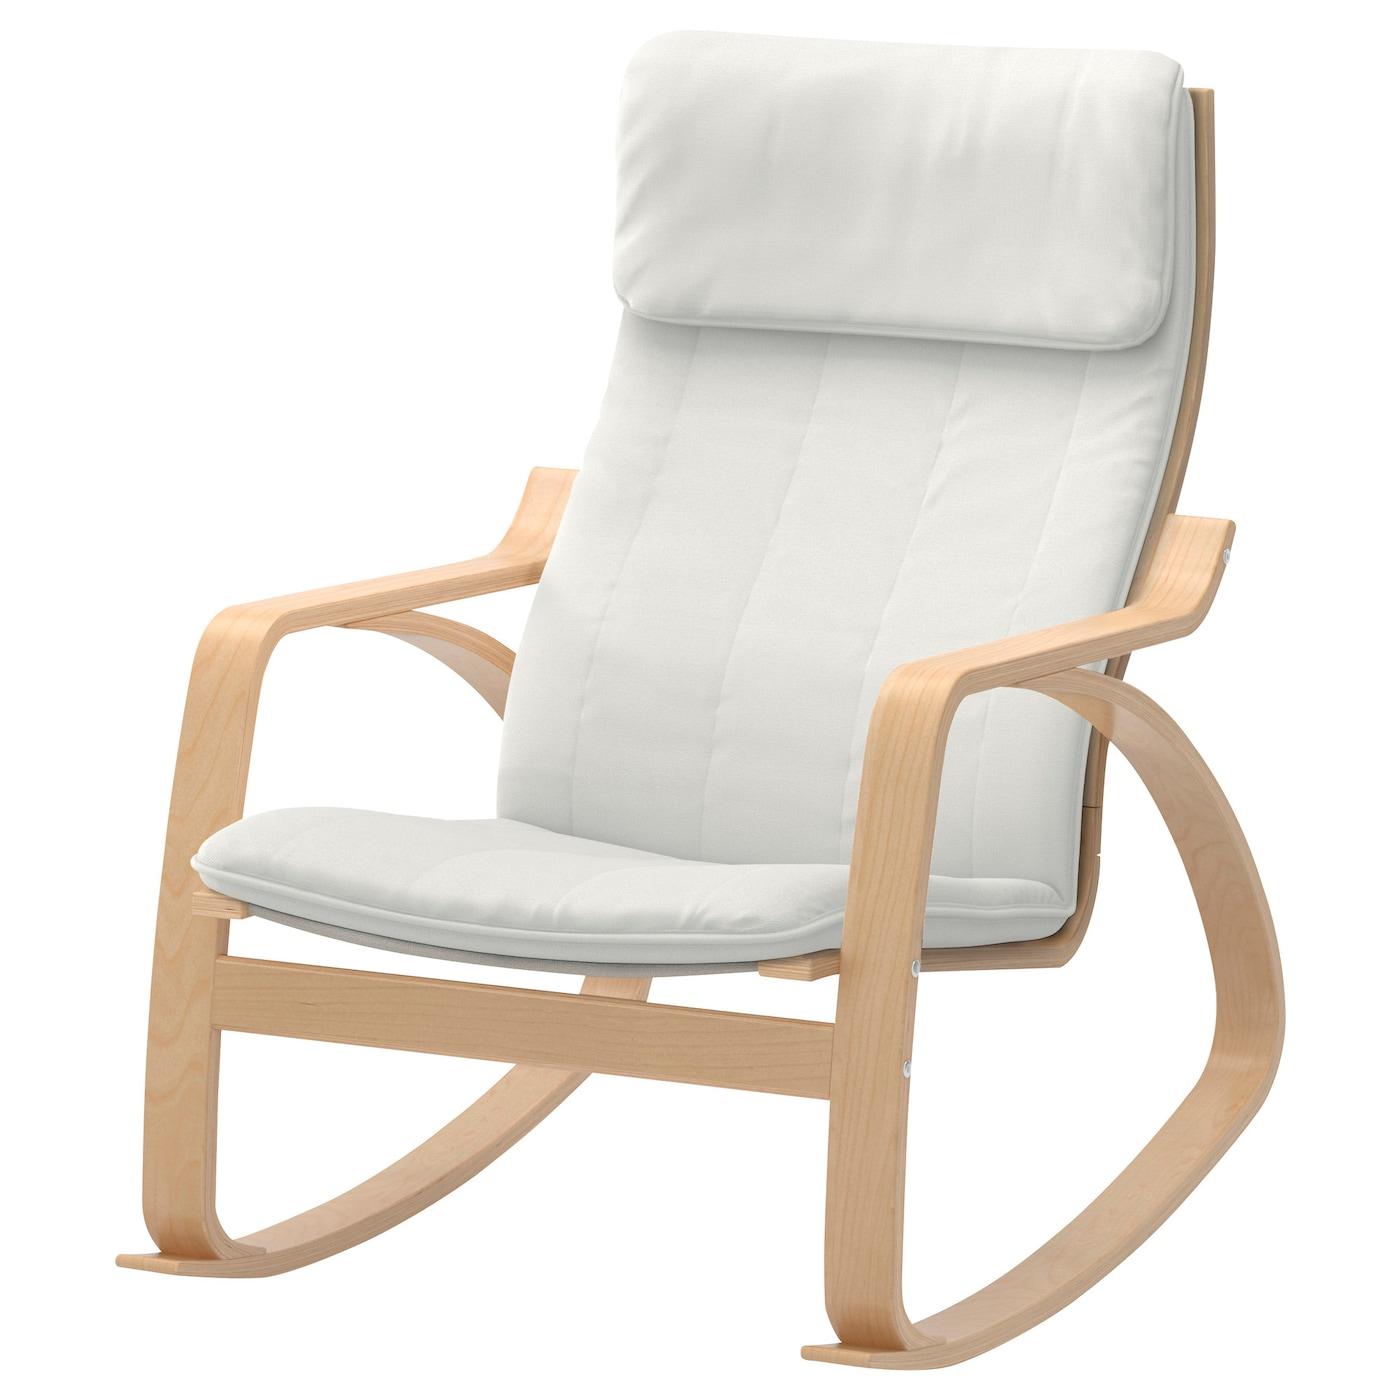 poang housse housse chaise bureau chaise nl ikea henriksdal grise - Ikea Mange Debout1539